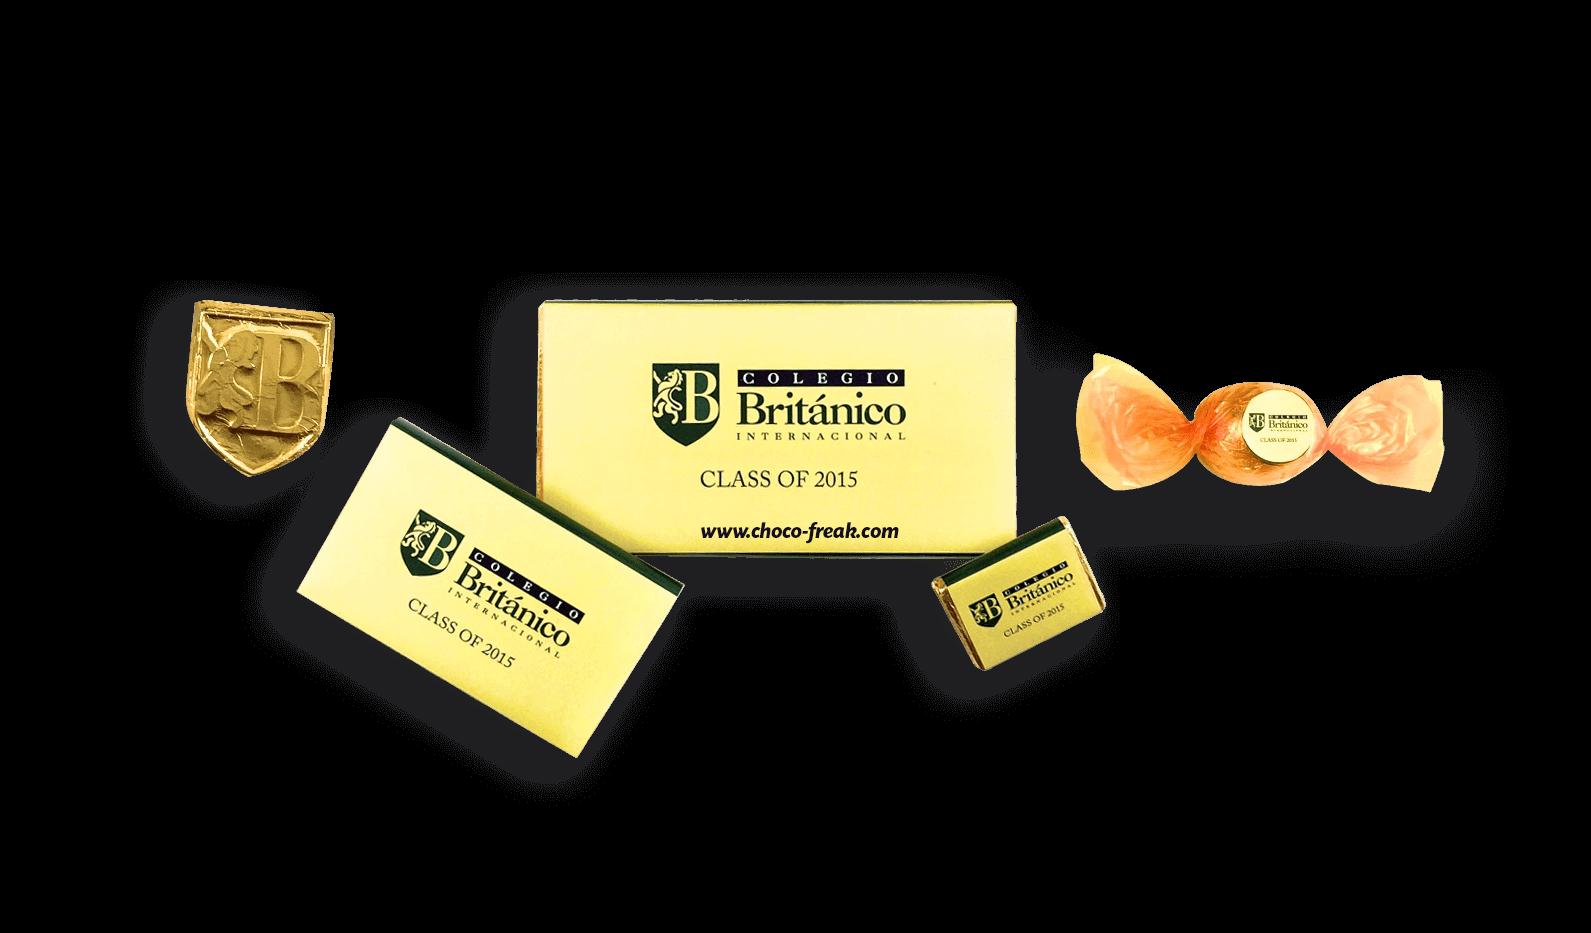 Chocolates Personalizados recuerdos de graduación originales Ecuador Quito Guayaquil Cuenca Manta